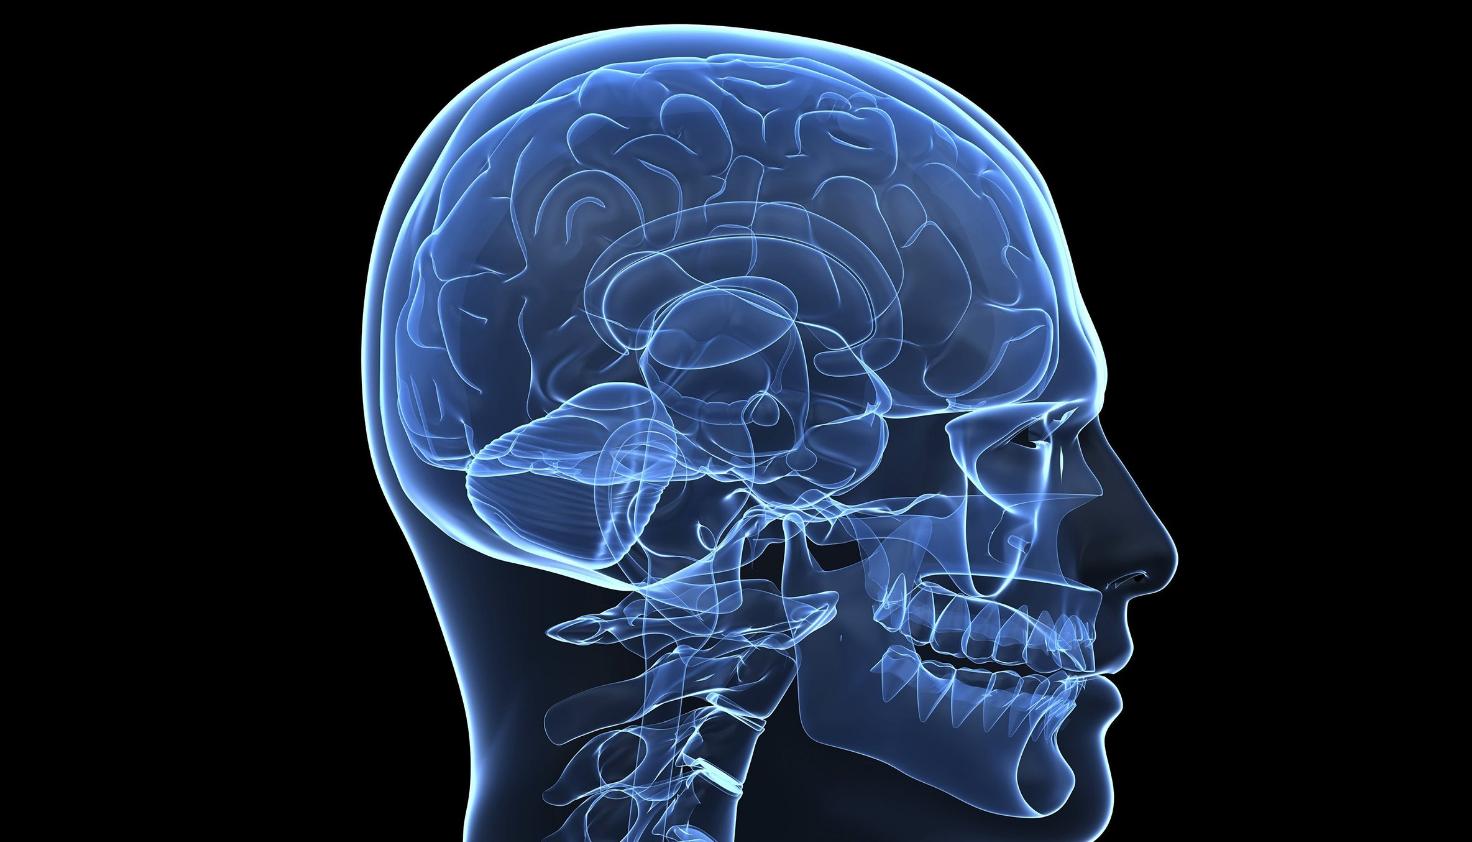 Стартап KerNEL пытается создать коммерческие мозговые импланты для улучшения памяти - 1